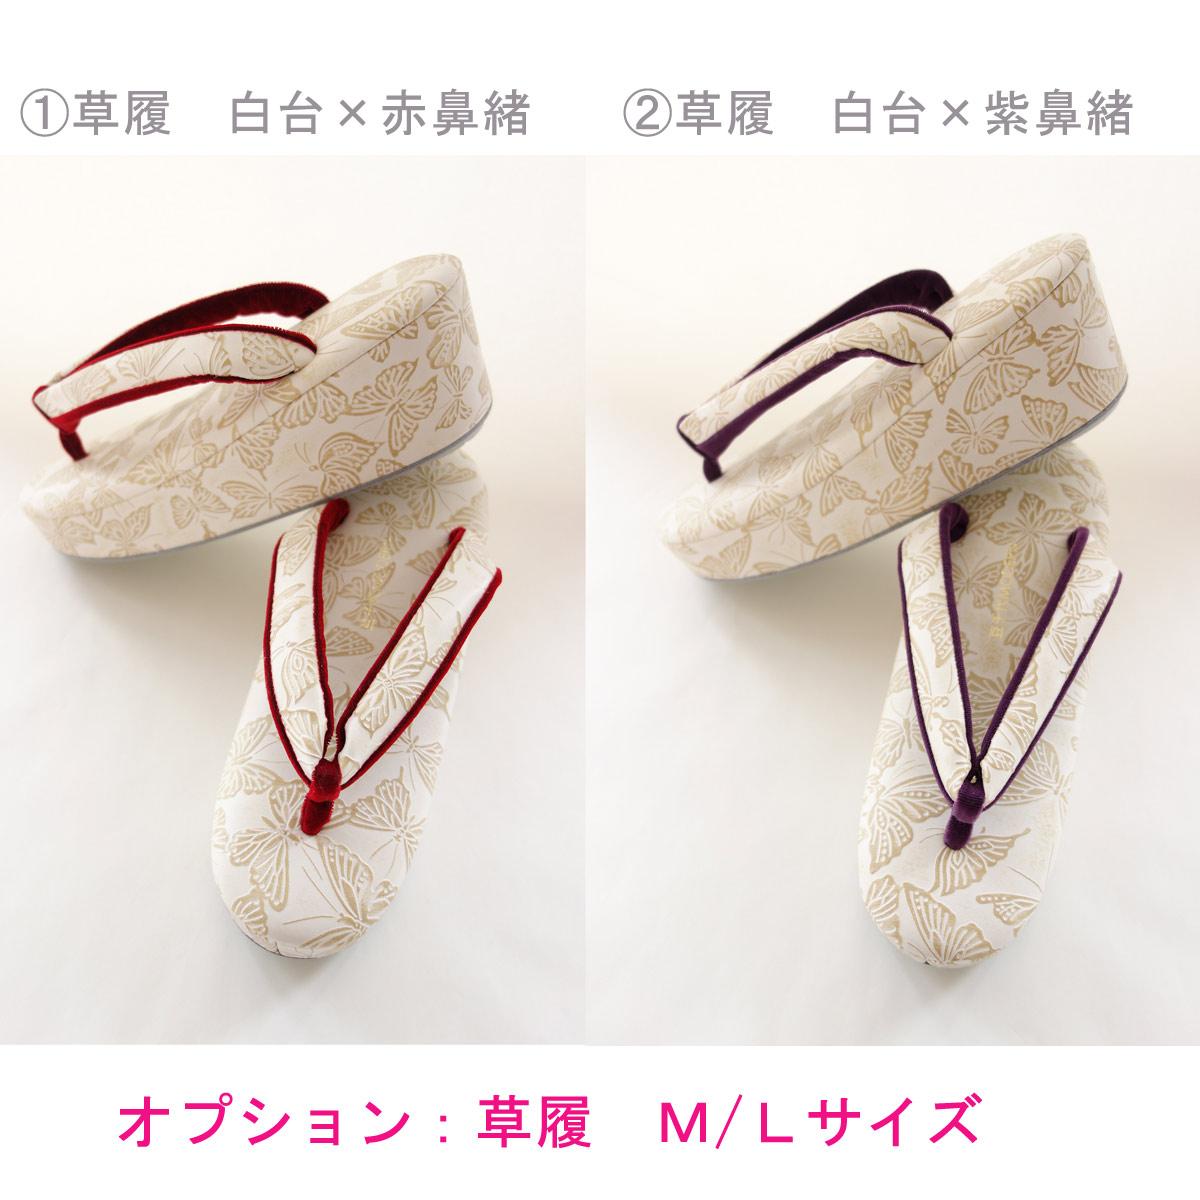 【レンタル】袴 タイムマシーン オリーブ